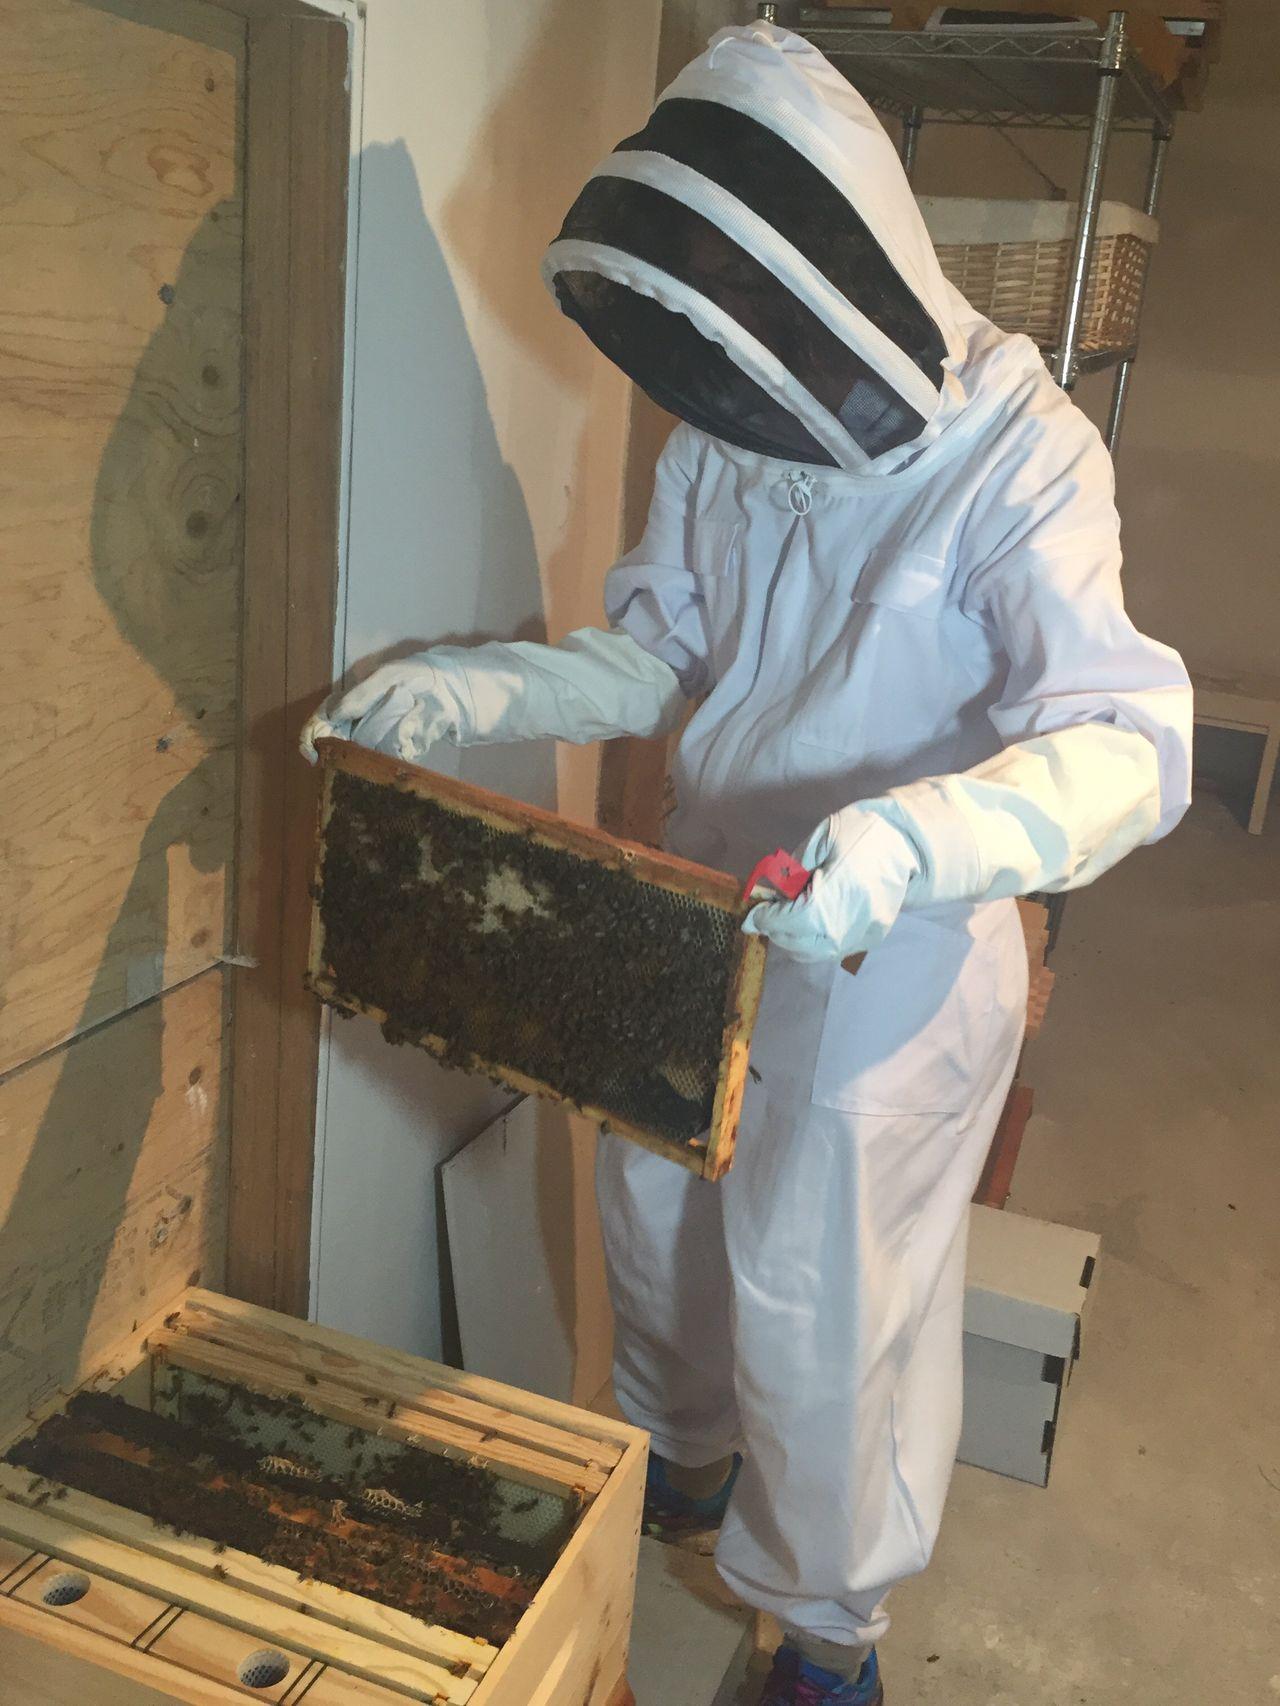 Bees beekeepers beekeeping environment hobby hobbyist